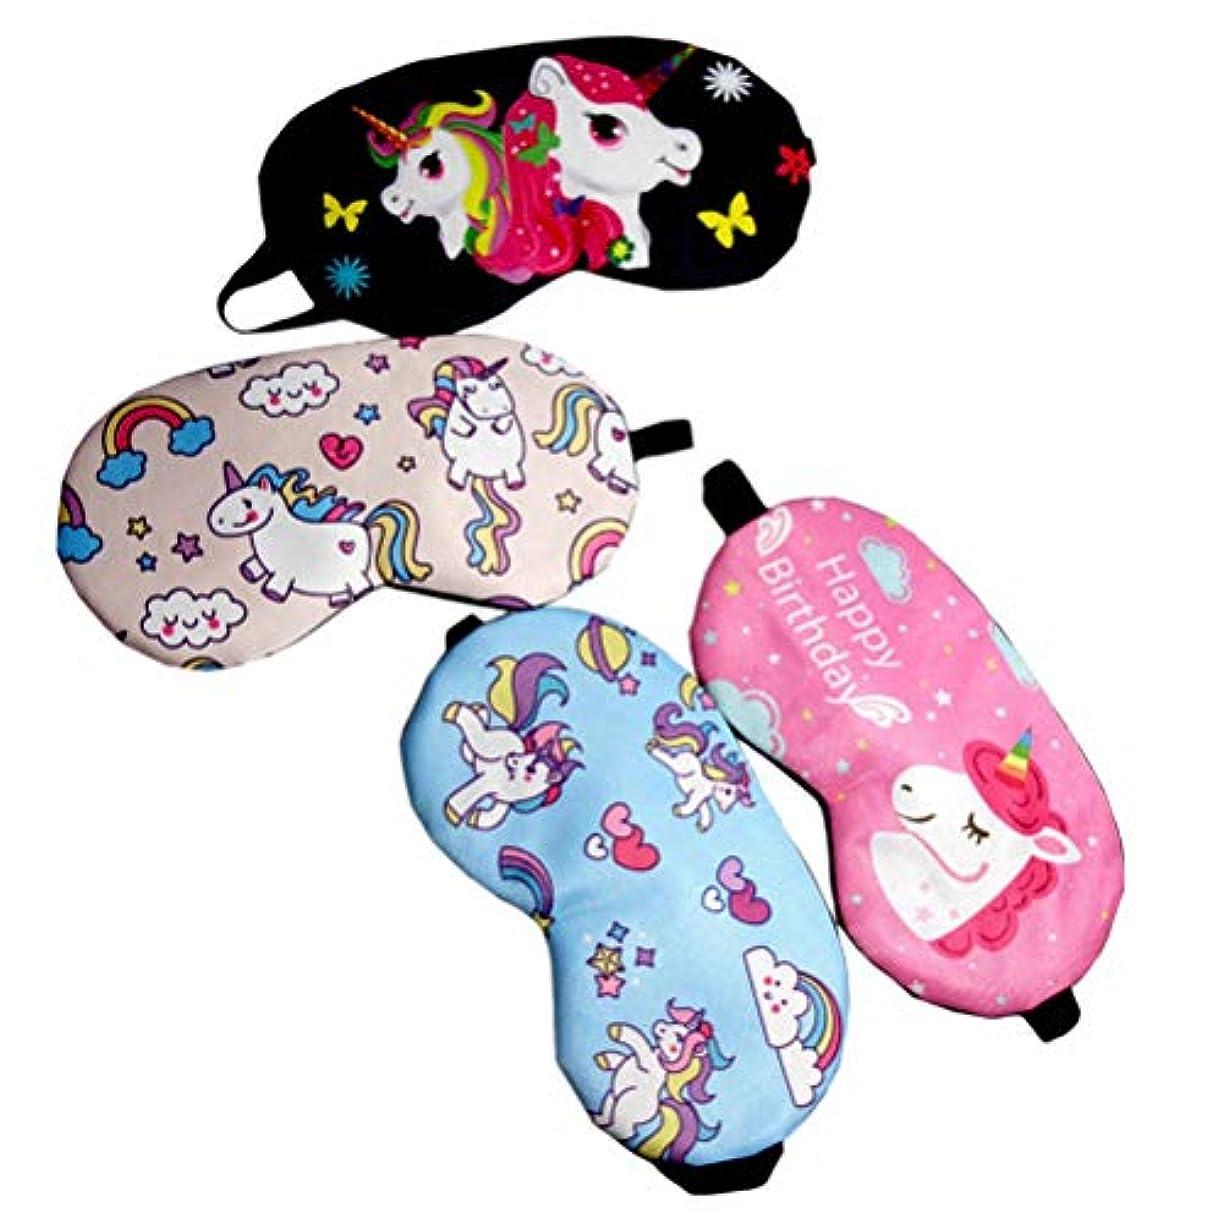 コーチ驚かす米ドル子供のためのBeaupretty 4PCSユニコーン睡眠マスクカバー軽量目隠しソフトアイマスク(ブラック+ローズレッド+ライトピンク+ライトブルー)